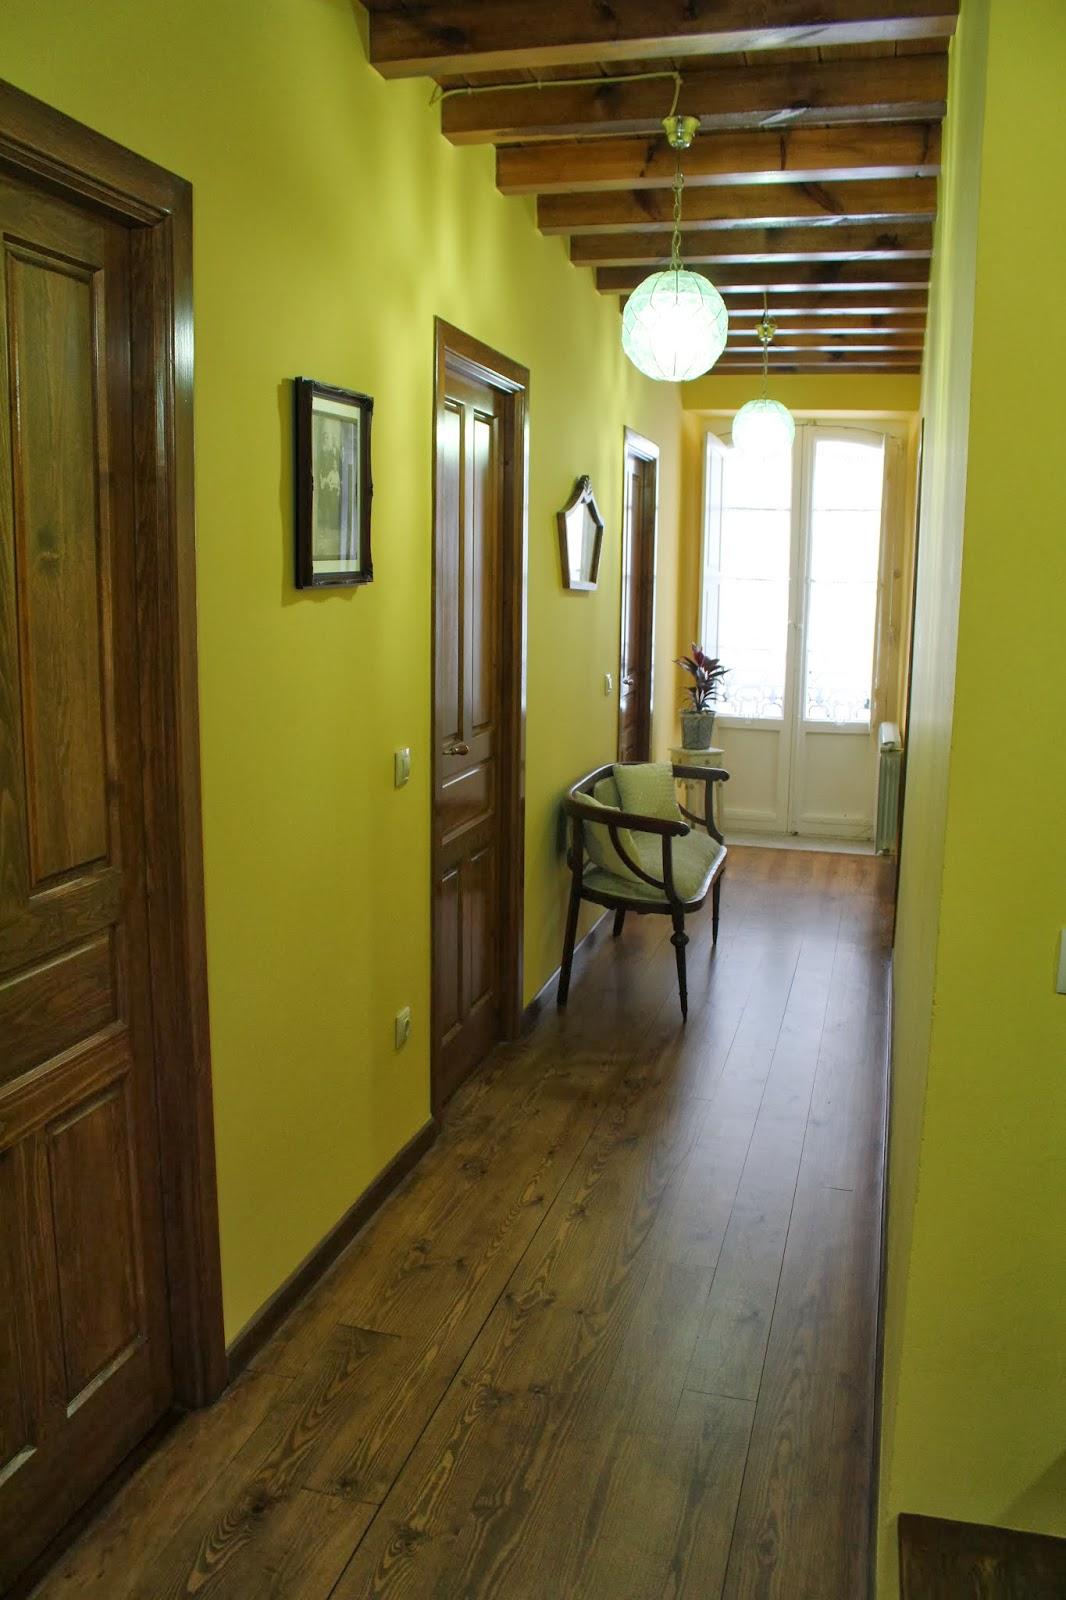 Gloria vintage entrada y pasillos de mi casa - Lamparas para pasillos casa ...